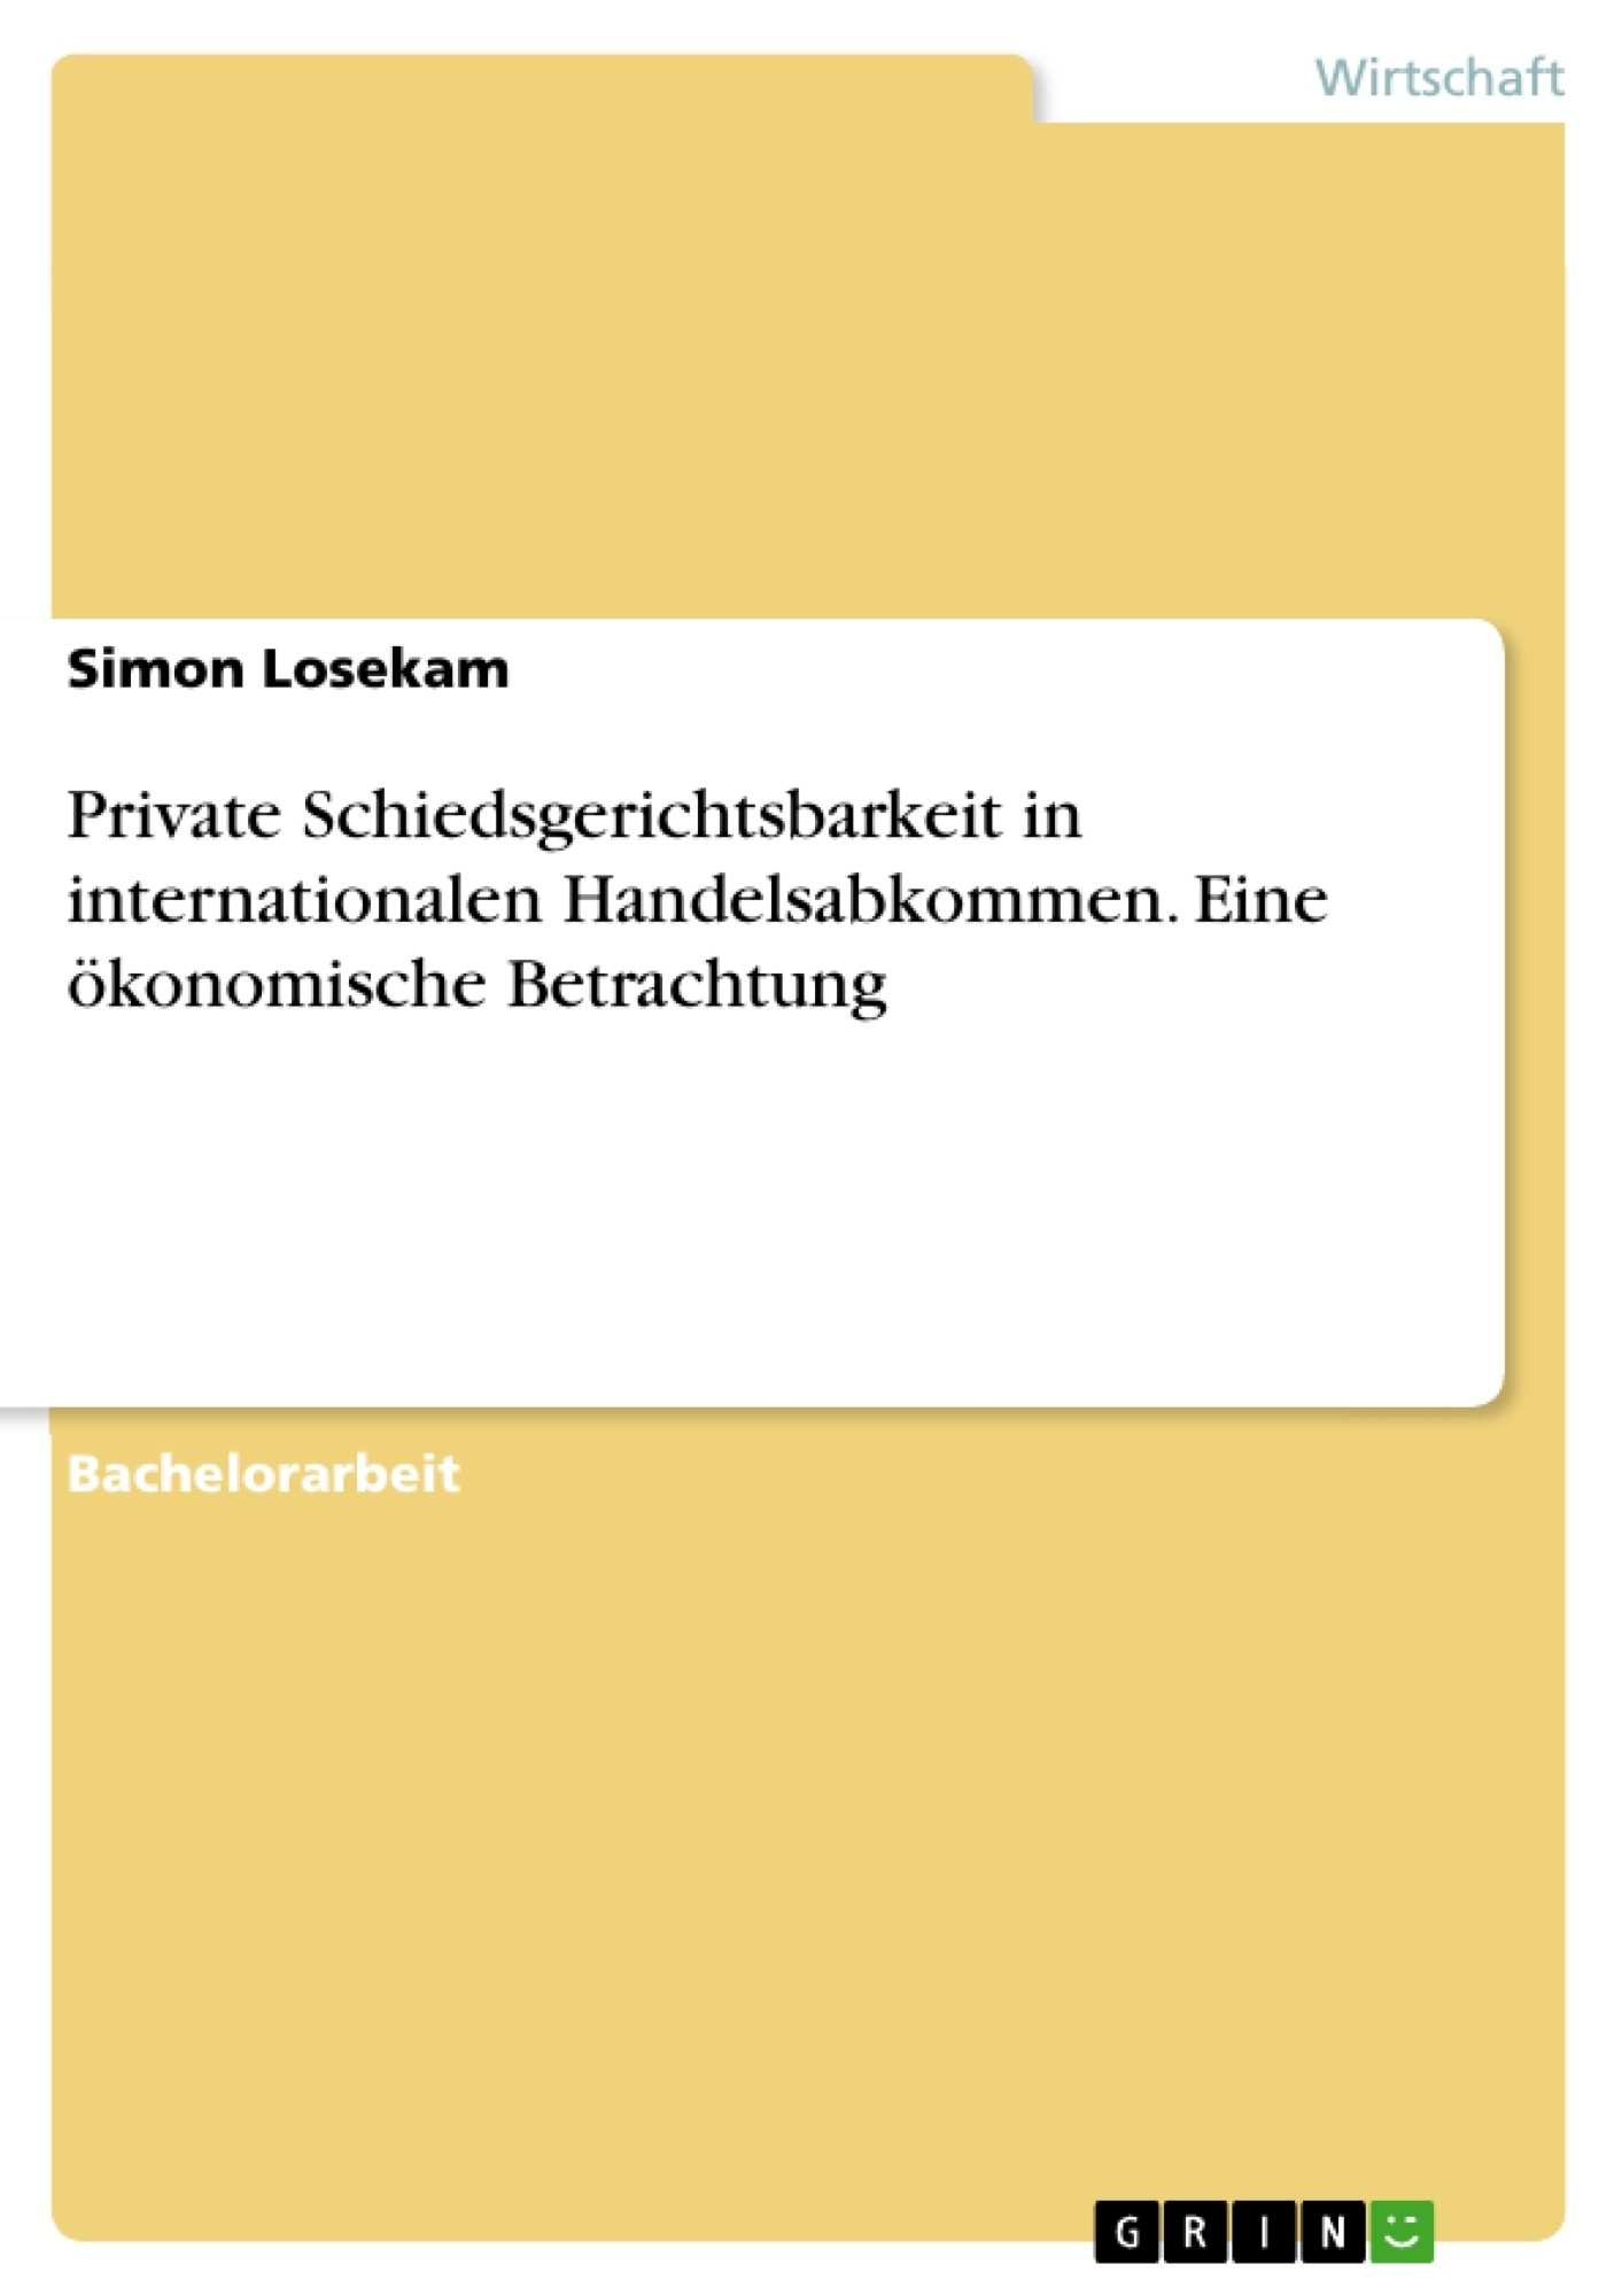 Titel: Private Schiedsgerichtsbarkeit in internationalen Handelsabkommen. Eine ökonomische Betrachtung